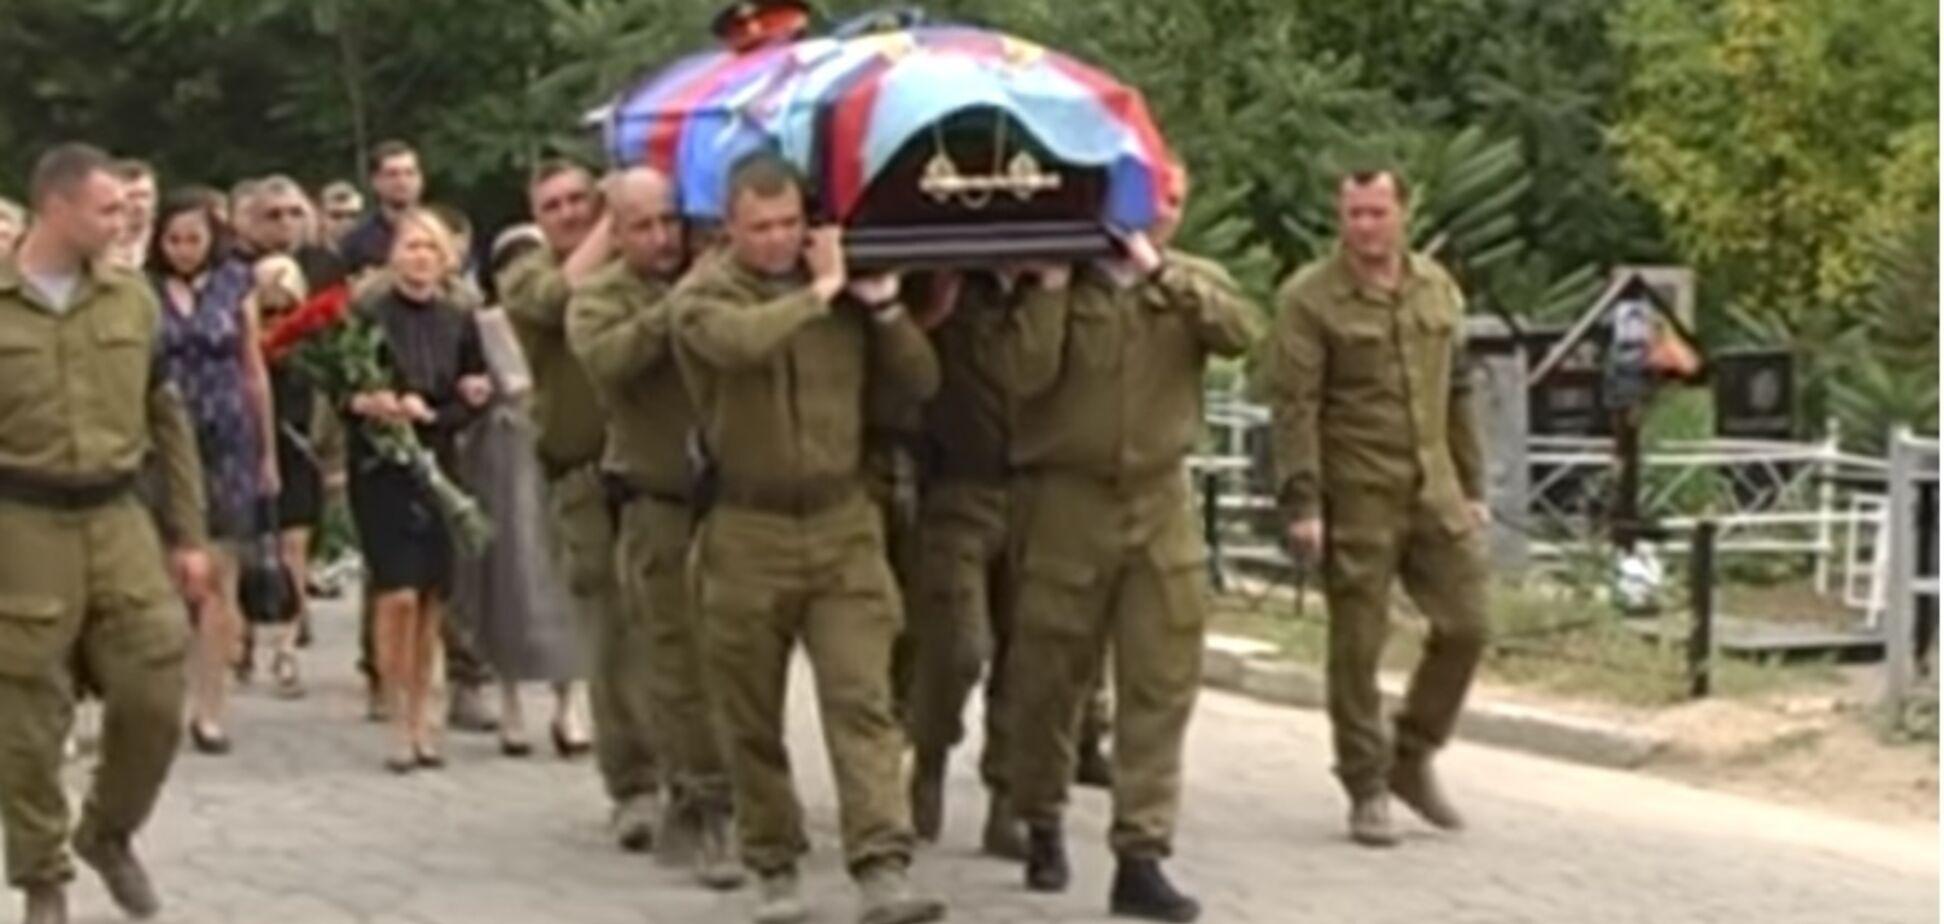 Взорвали вместе с Захарченко: в Донецке показали похороны охранника главаря 'ДНР'. Видеофакт